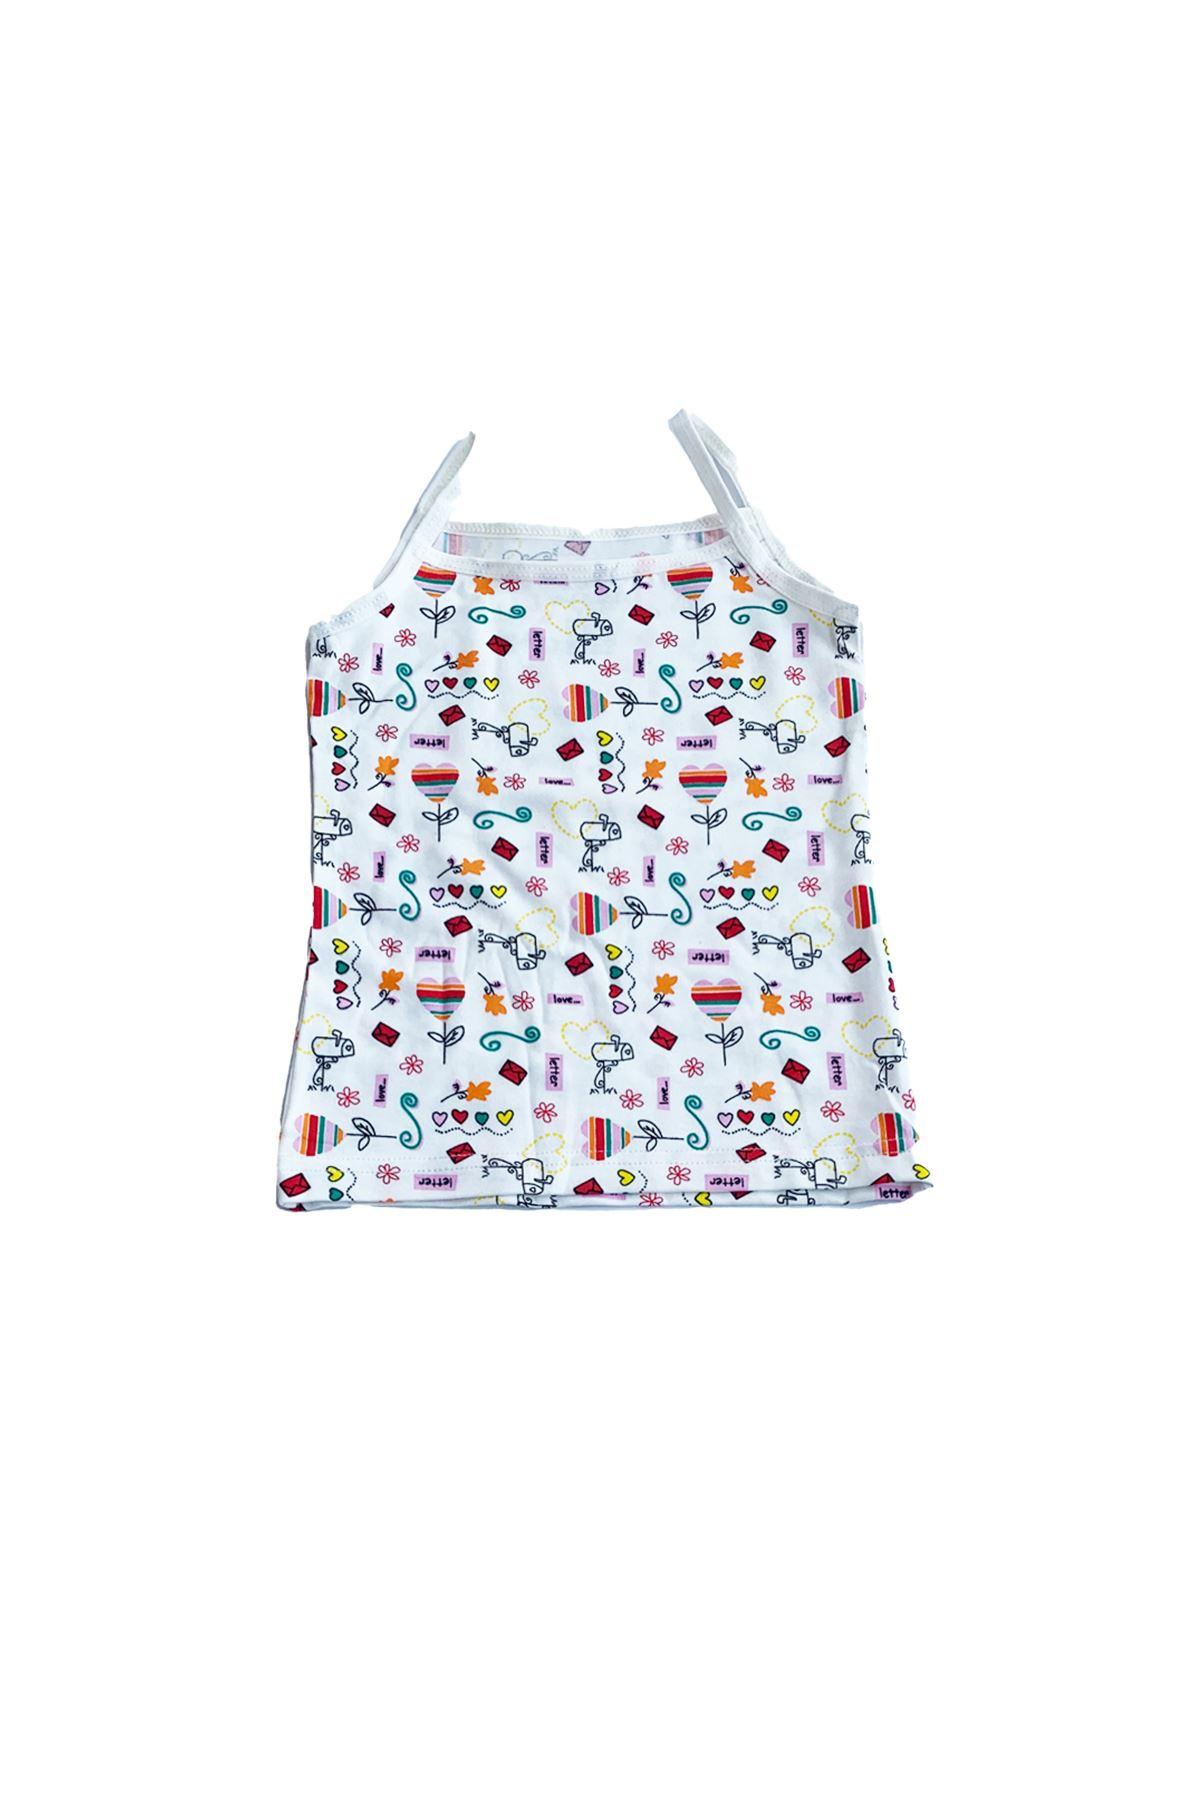 Kız Çocuk Renkli 6 Lı Paket Iç Giyim Takımı Ip Askılı Atlet Külot 332331-e3